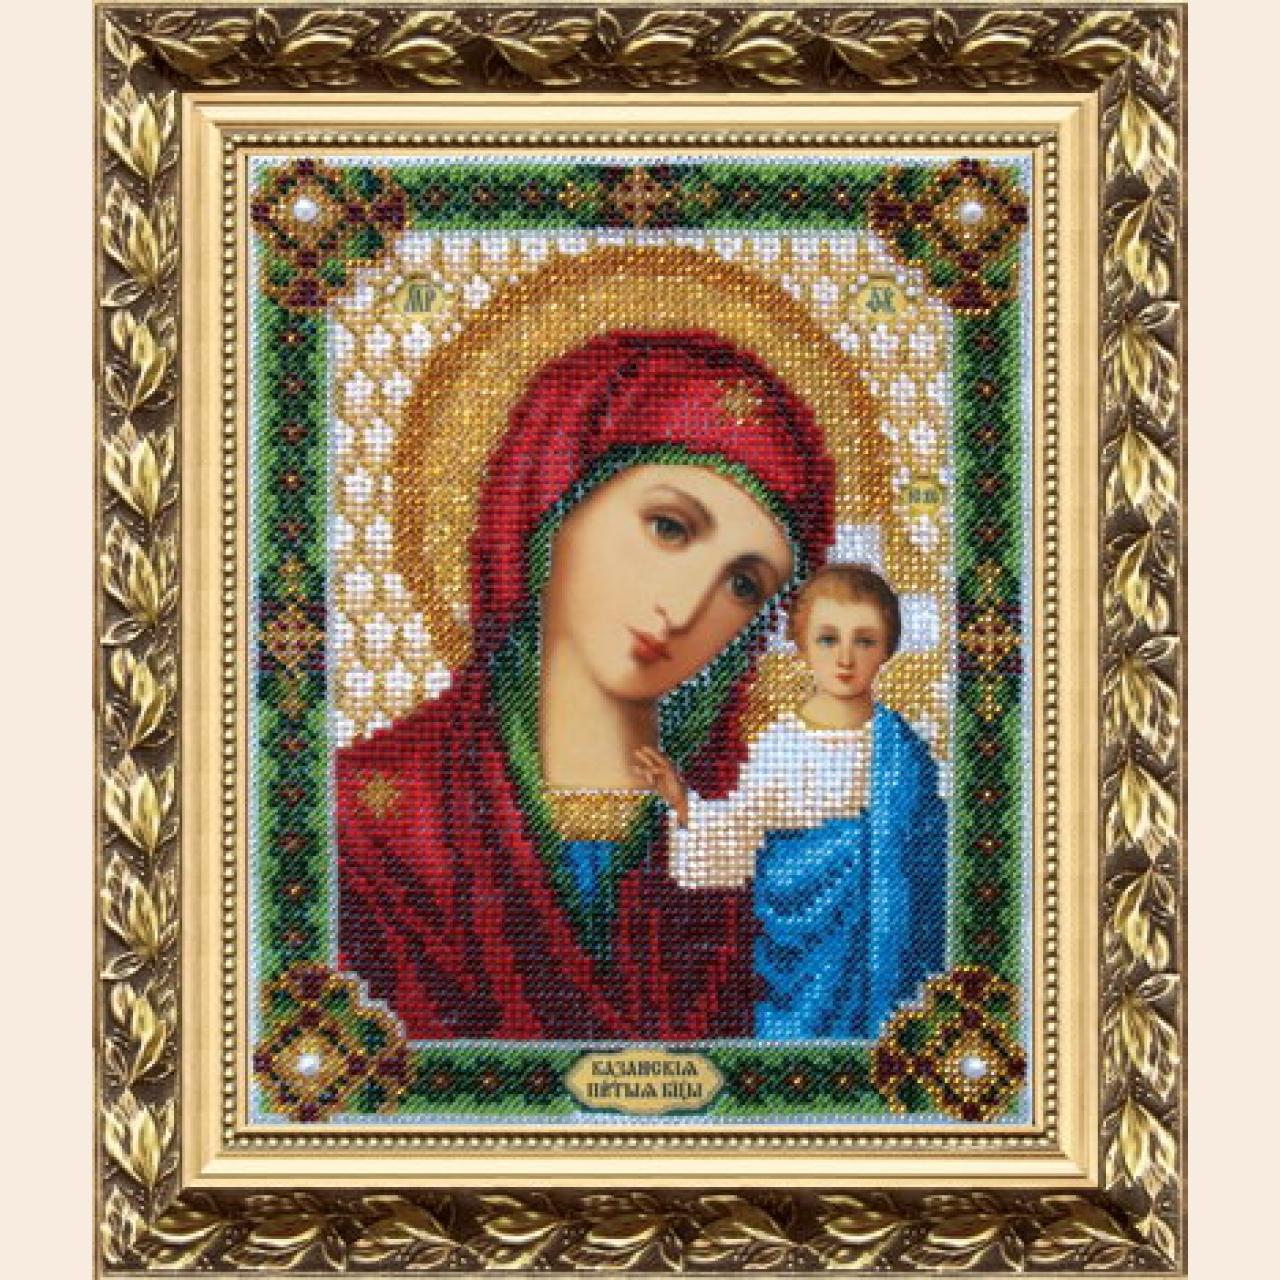 Фото: Купить икону вышитую бисером. .  Ручные изделия, товары для творчества, Киев и область, Киев, цена.